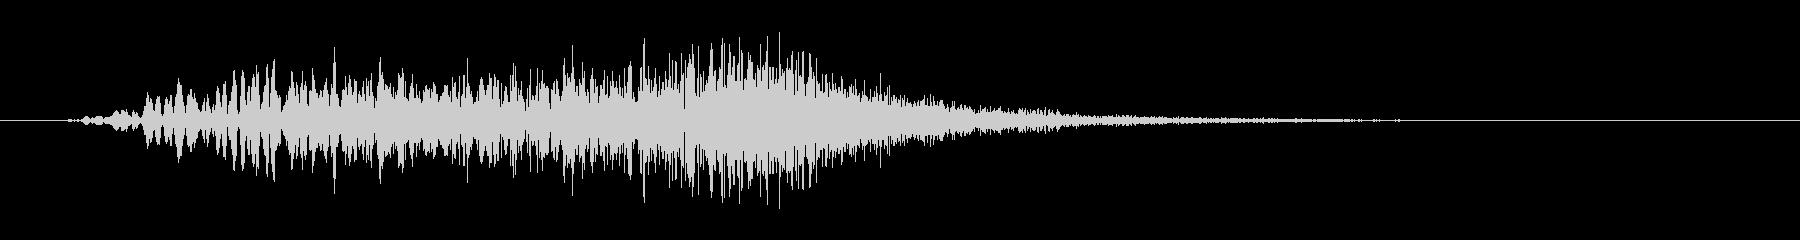 古めのワープ音の未再生の波形